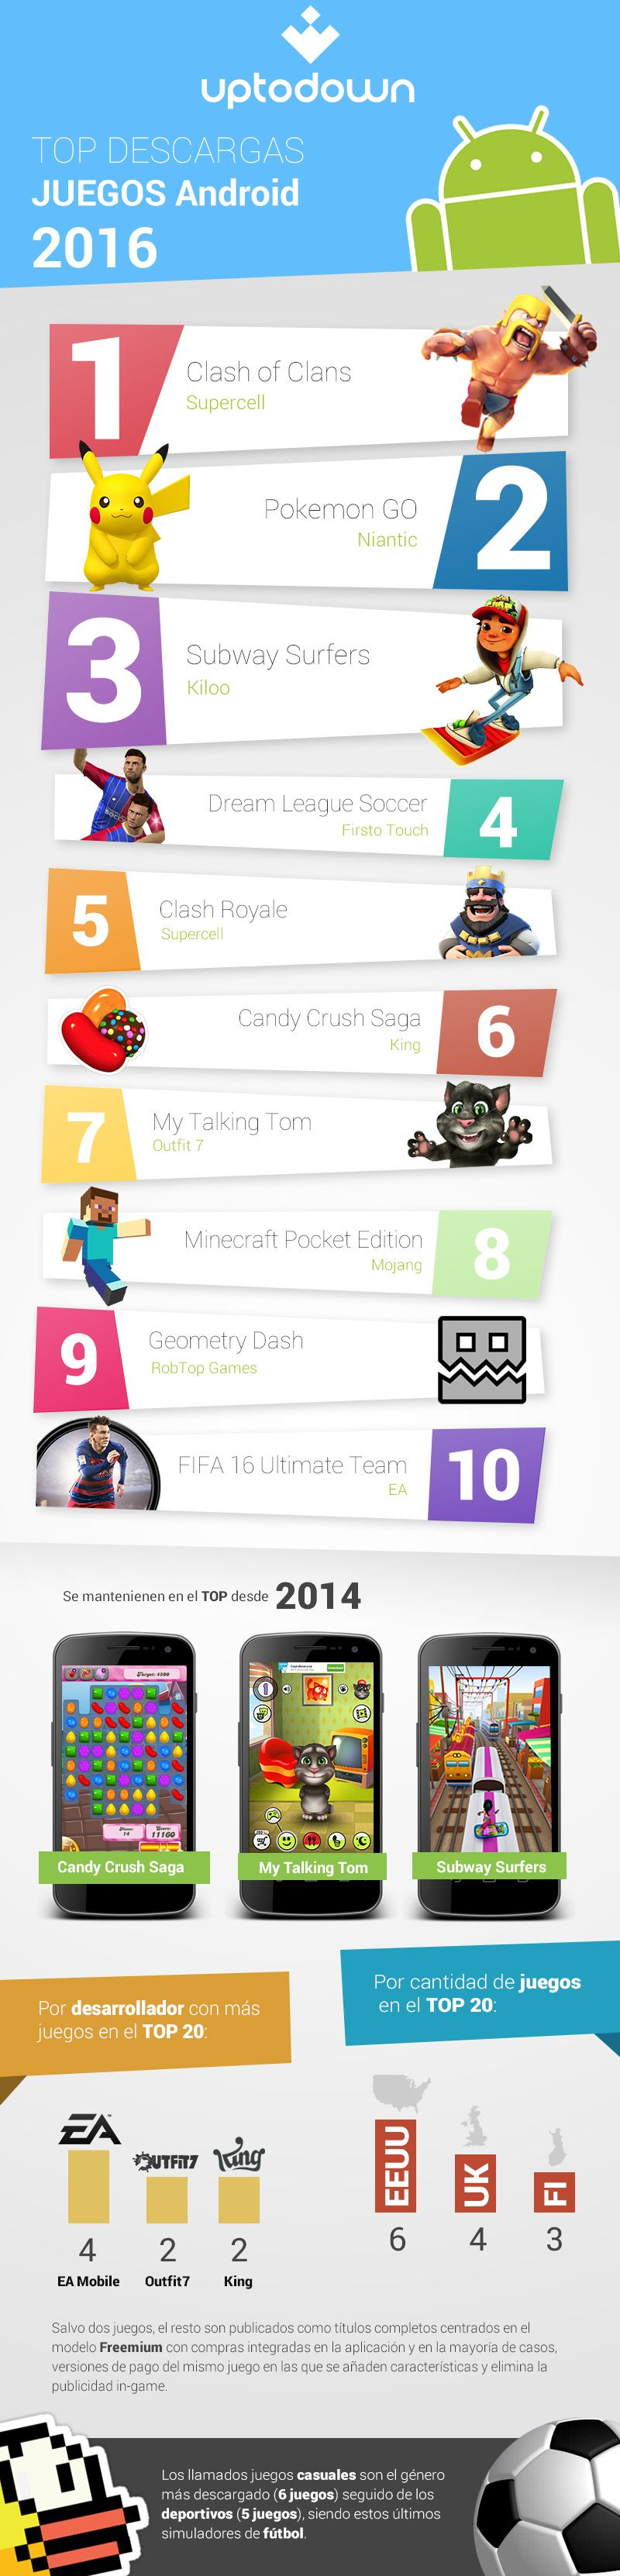 top-descargas-juegos-2016